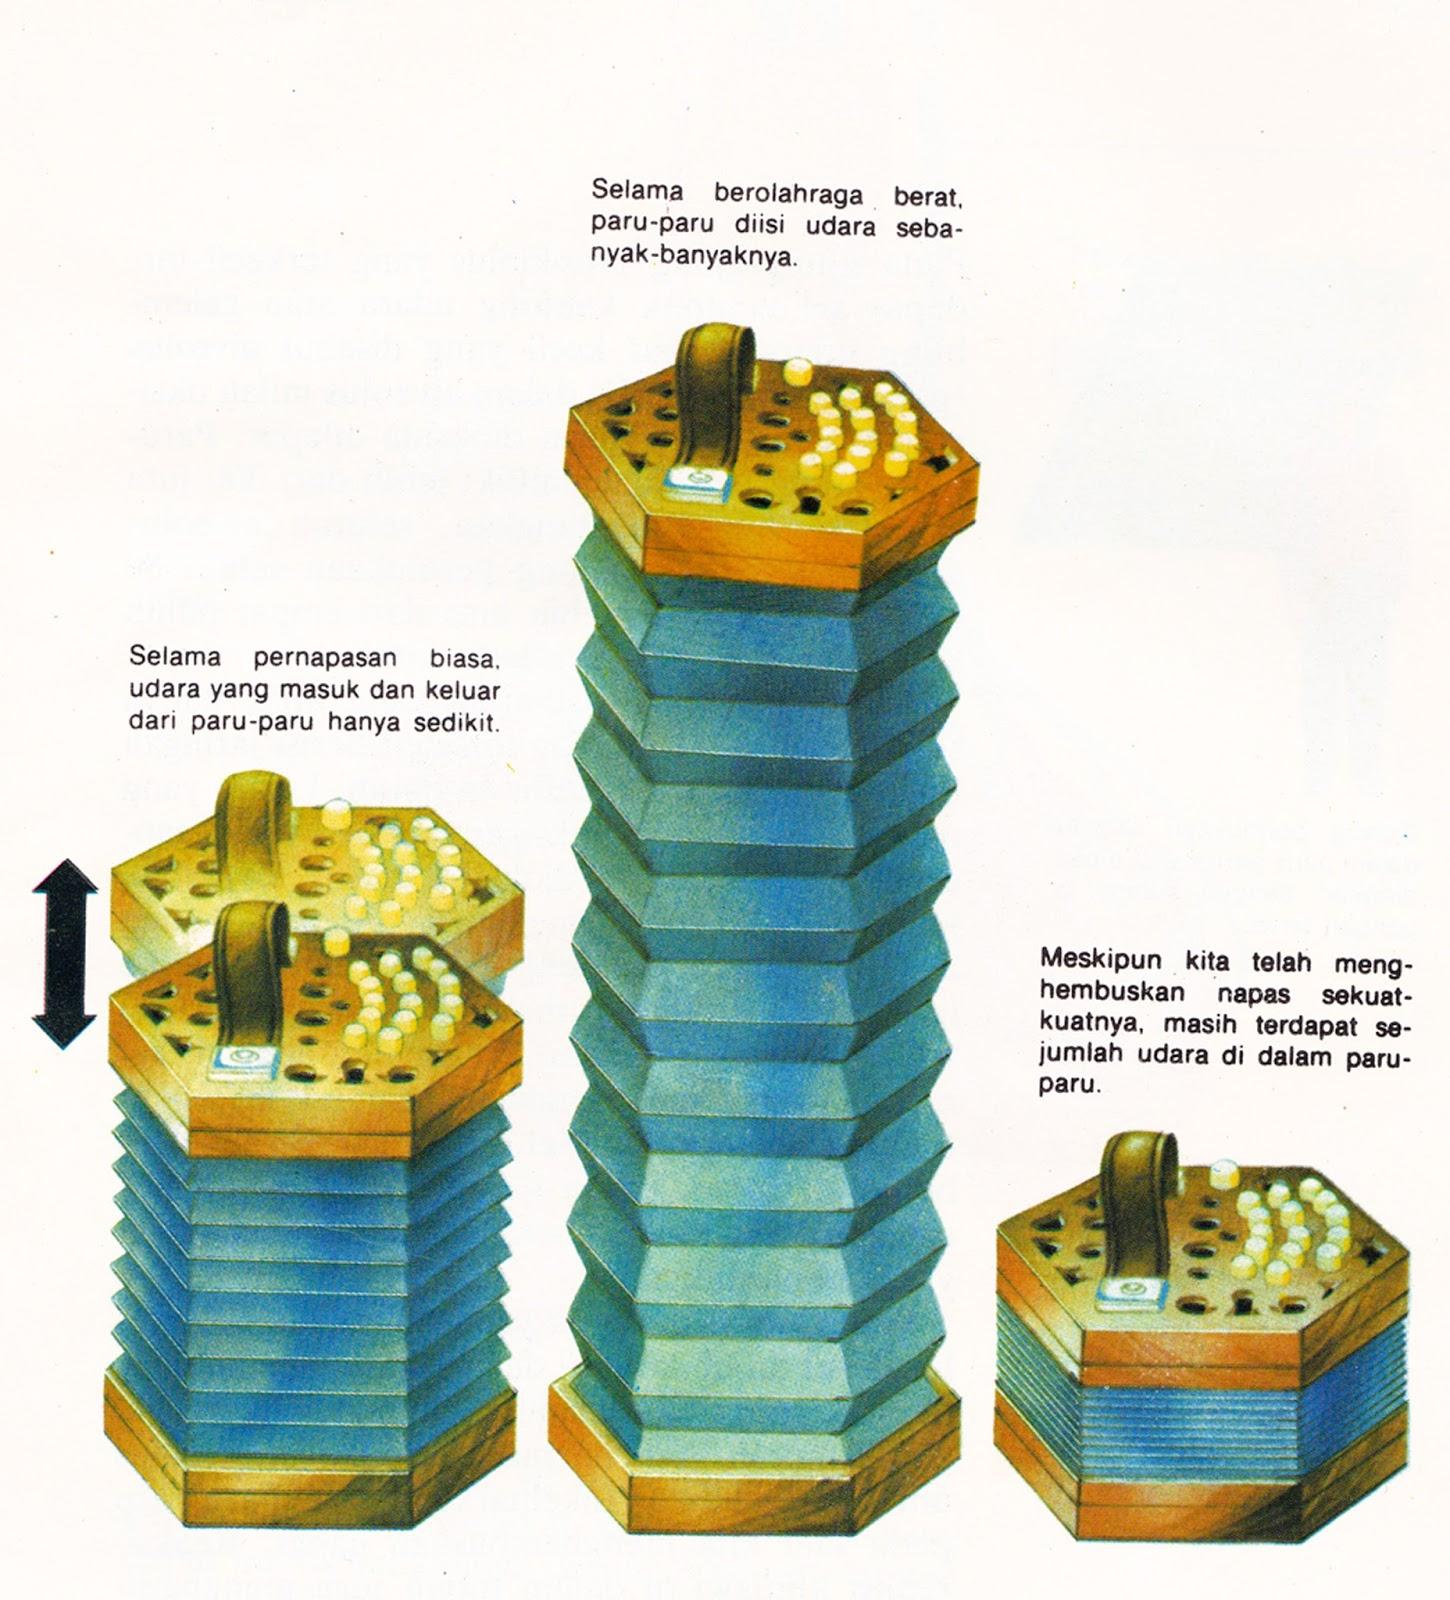 Volume Udara Pernapasan Dalam Tubuh - TexBuk Materia.